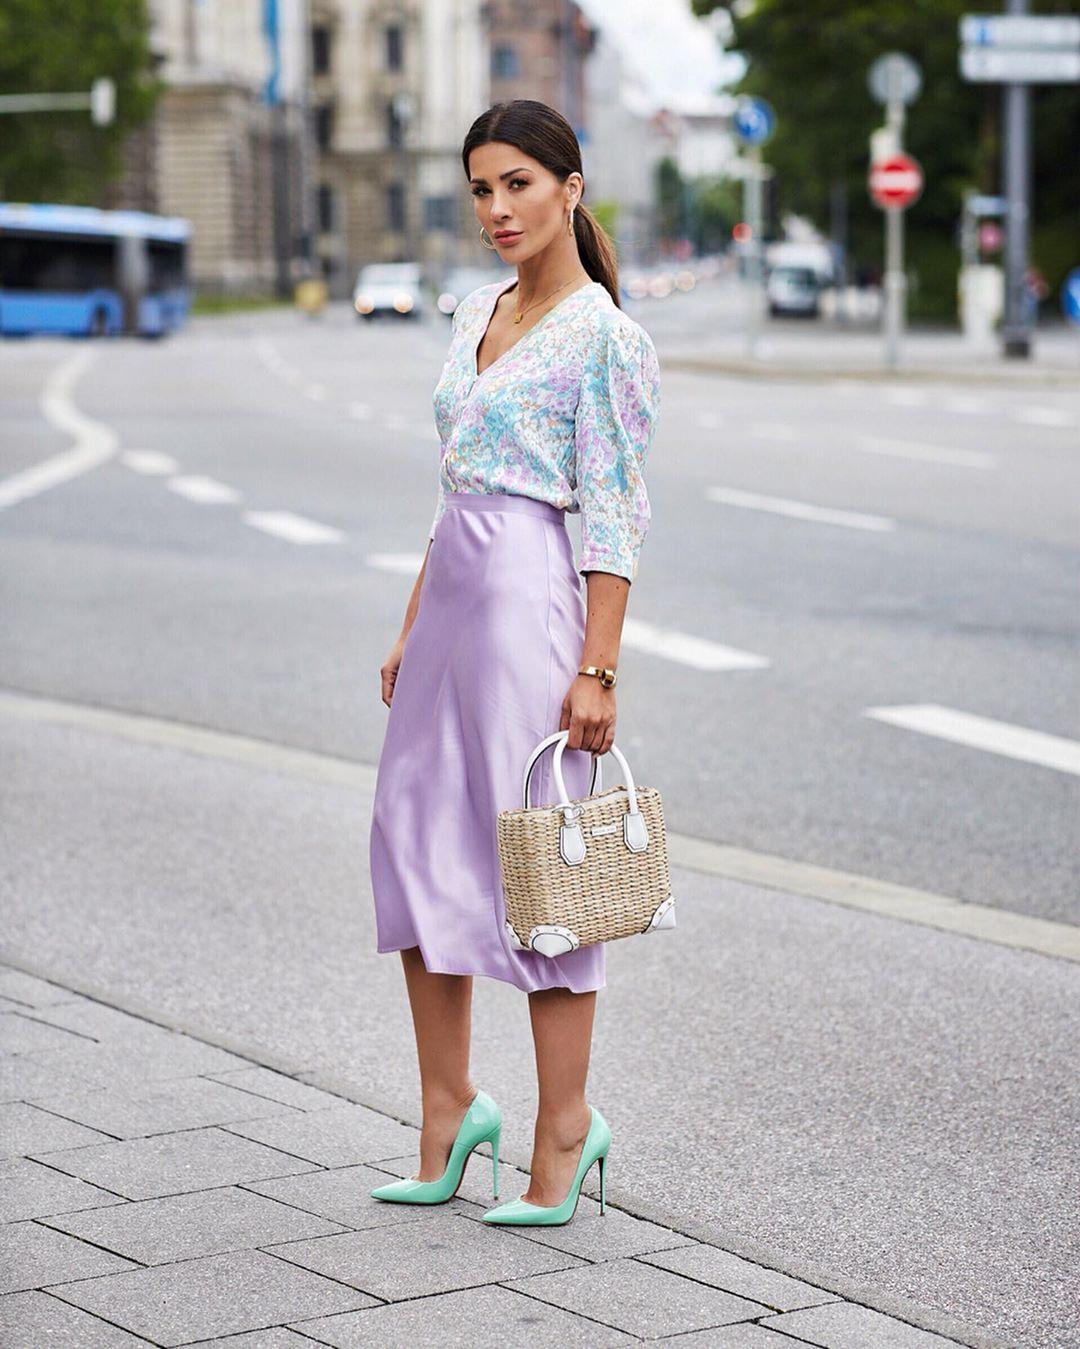 модный летние образы для бизнес-леди фото 2